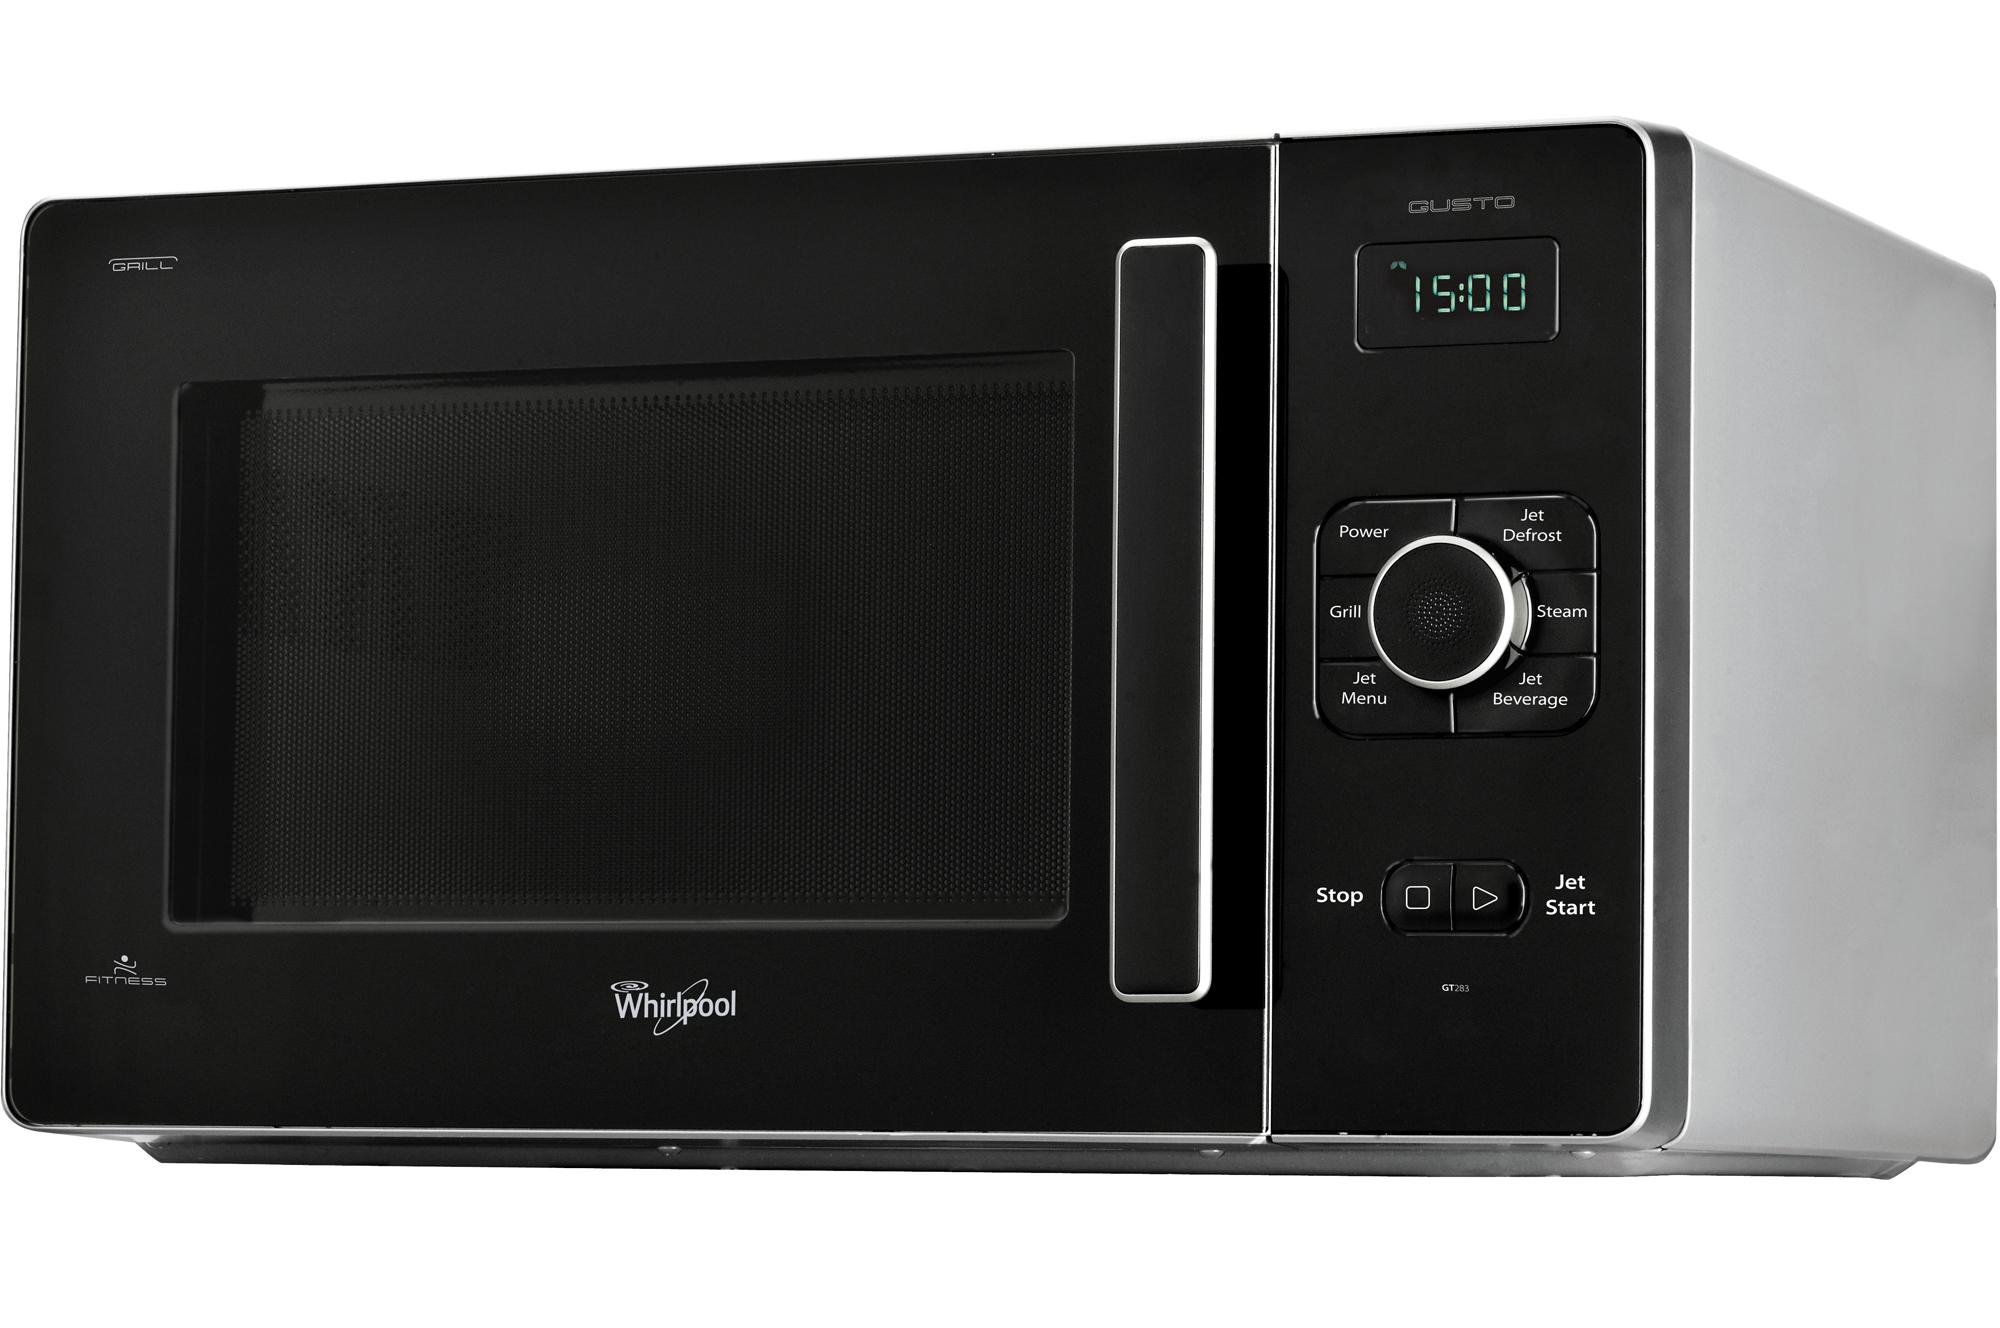 Whirlpool gusto gt283 qui trovate la recensione con le foto - Cucinare con il microonde whirlpool ...